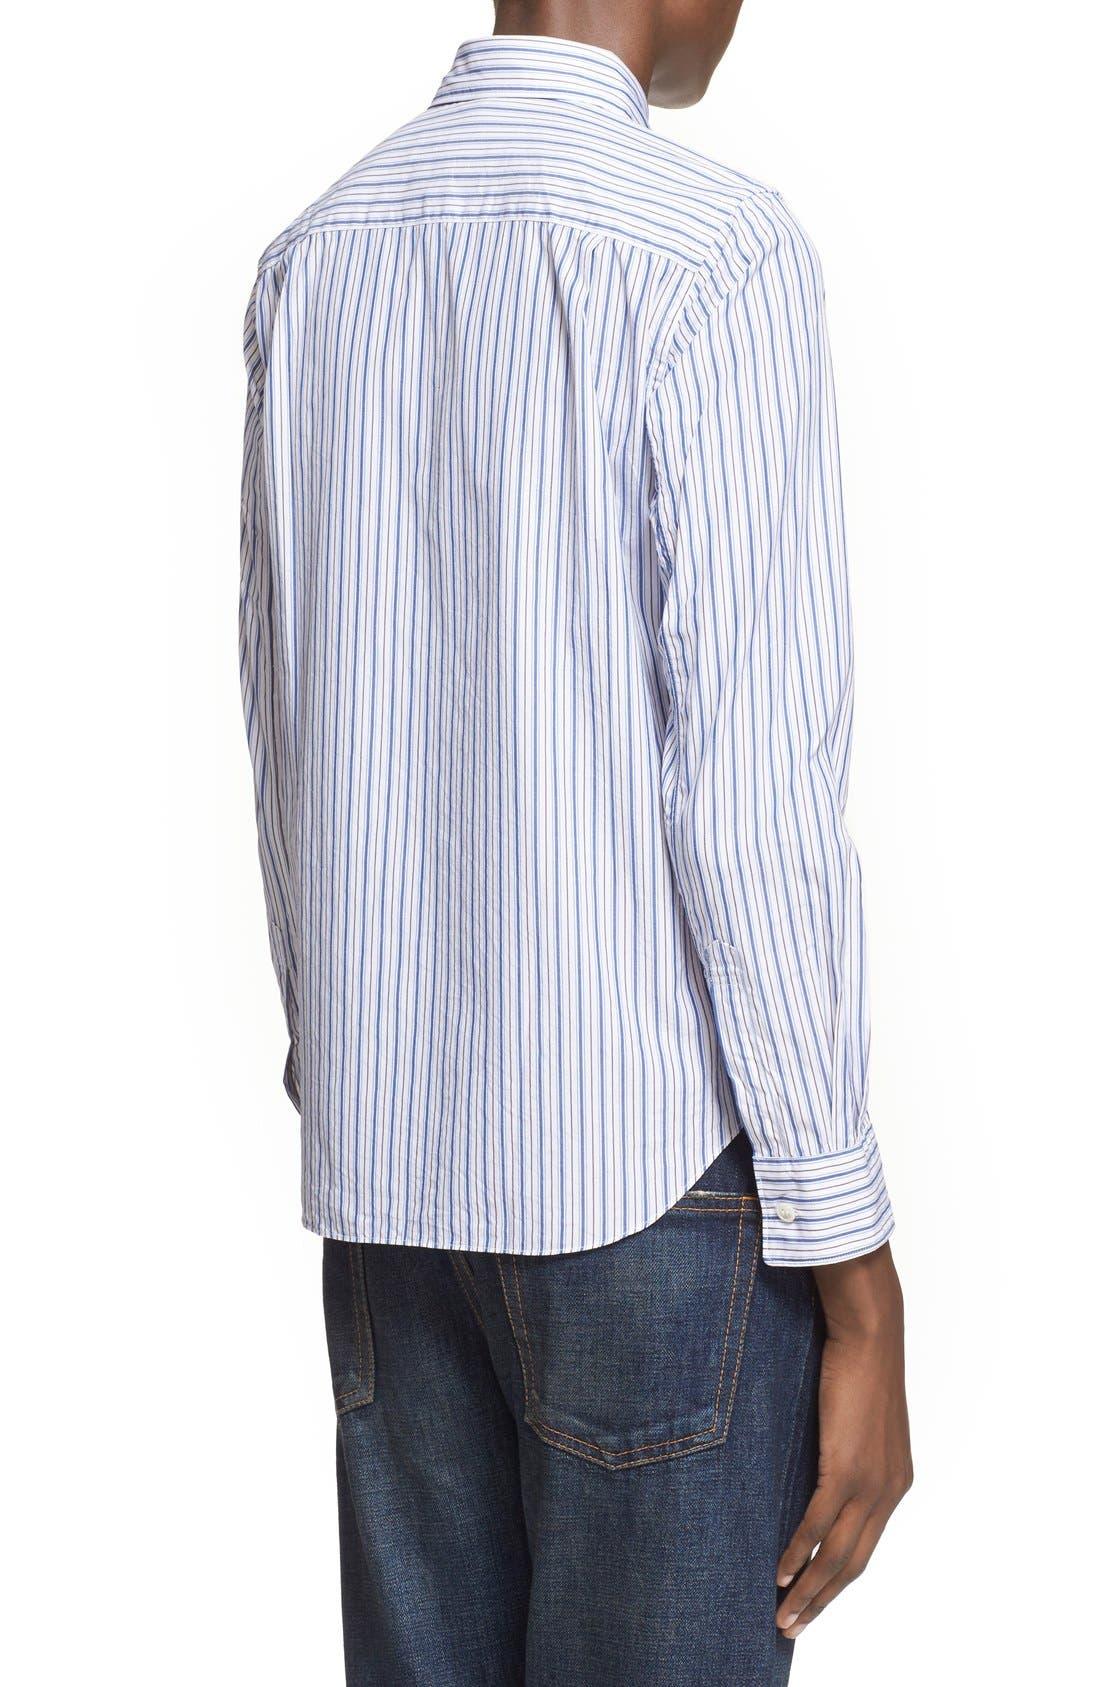 Comme des Garçons PLAY Stripe Shirt,                             Alternate thumbnail 2, color,                             Blue